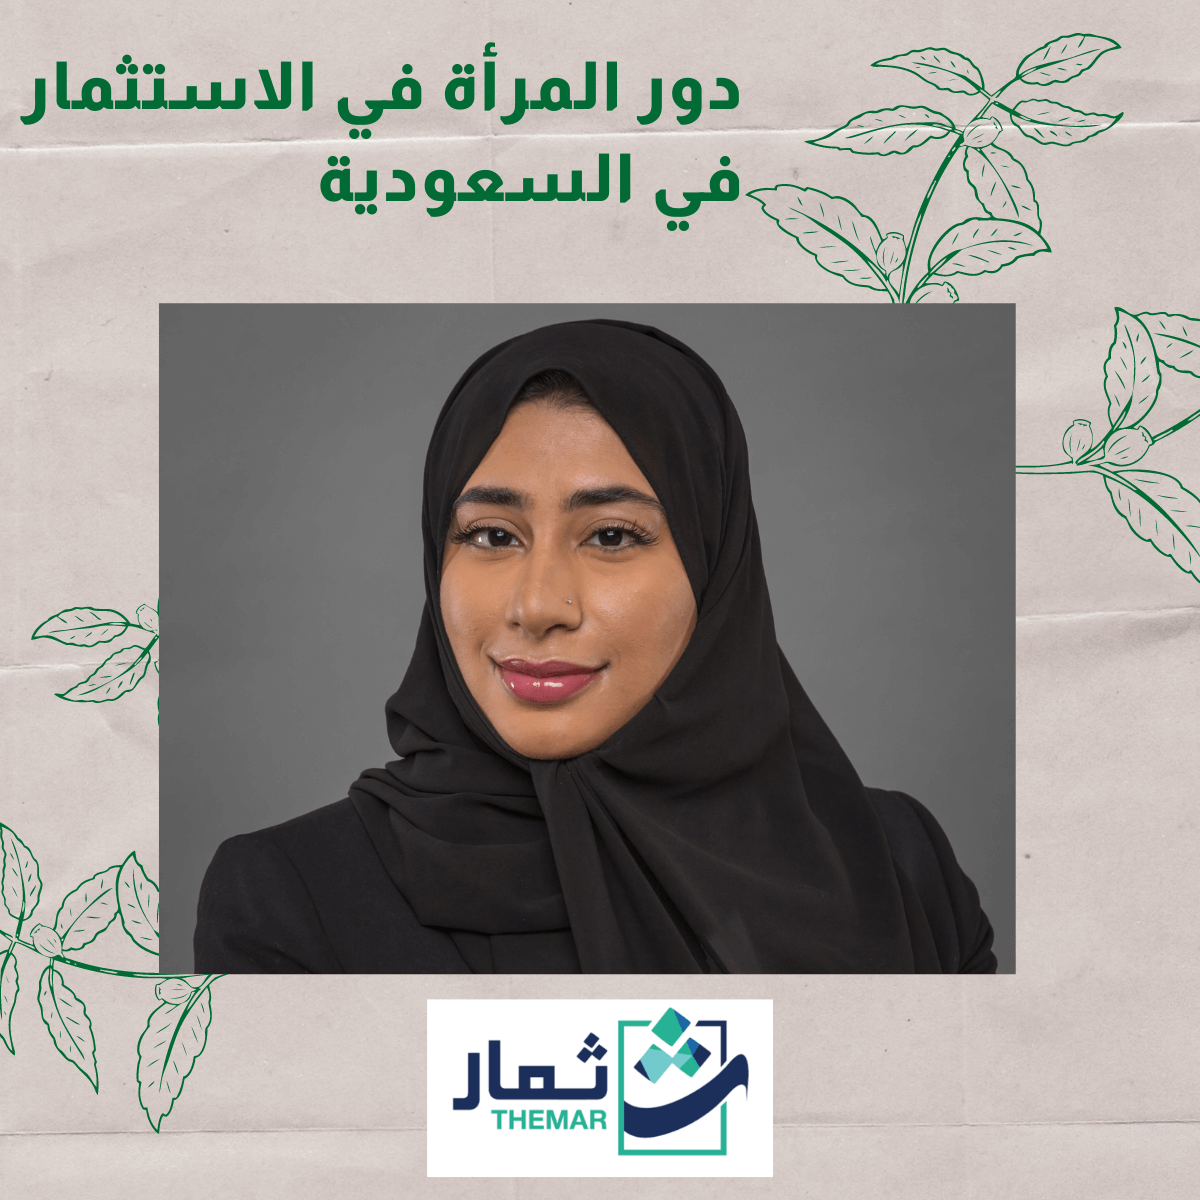 دور المرأة في الاستثمار في السعودية